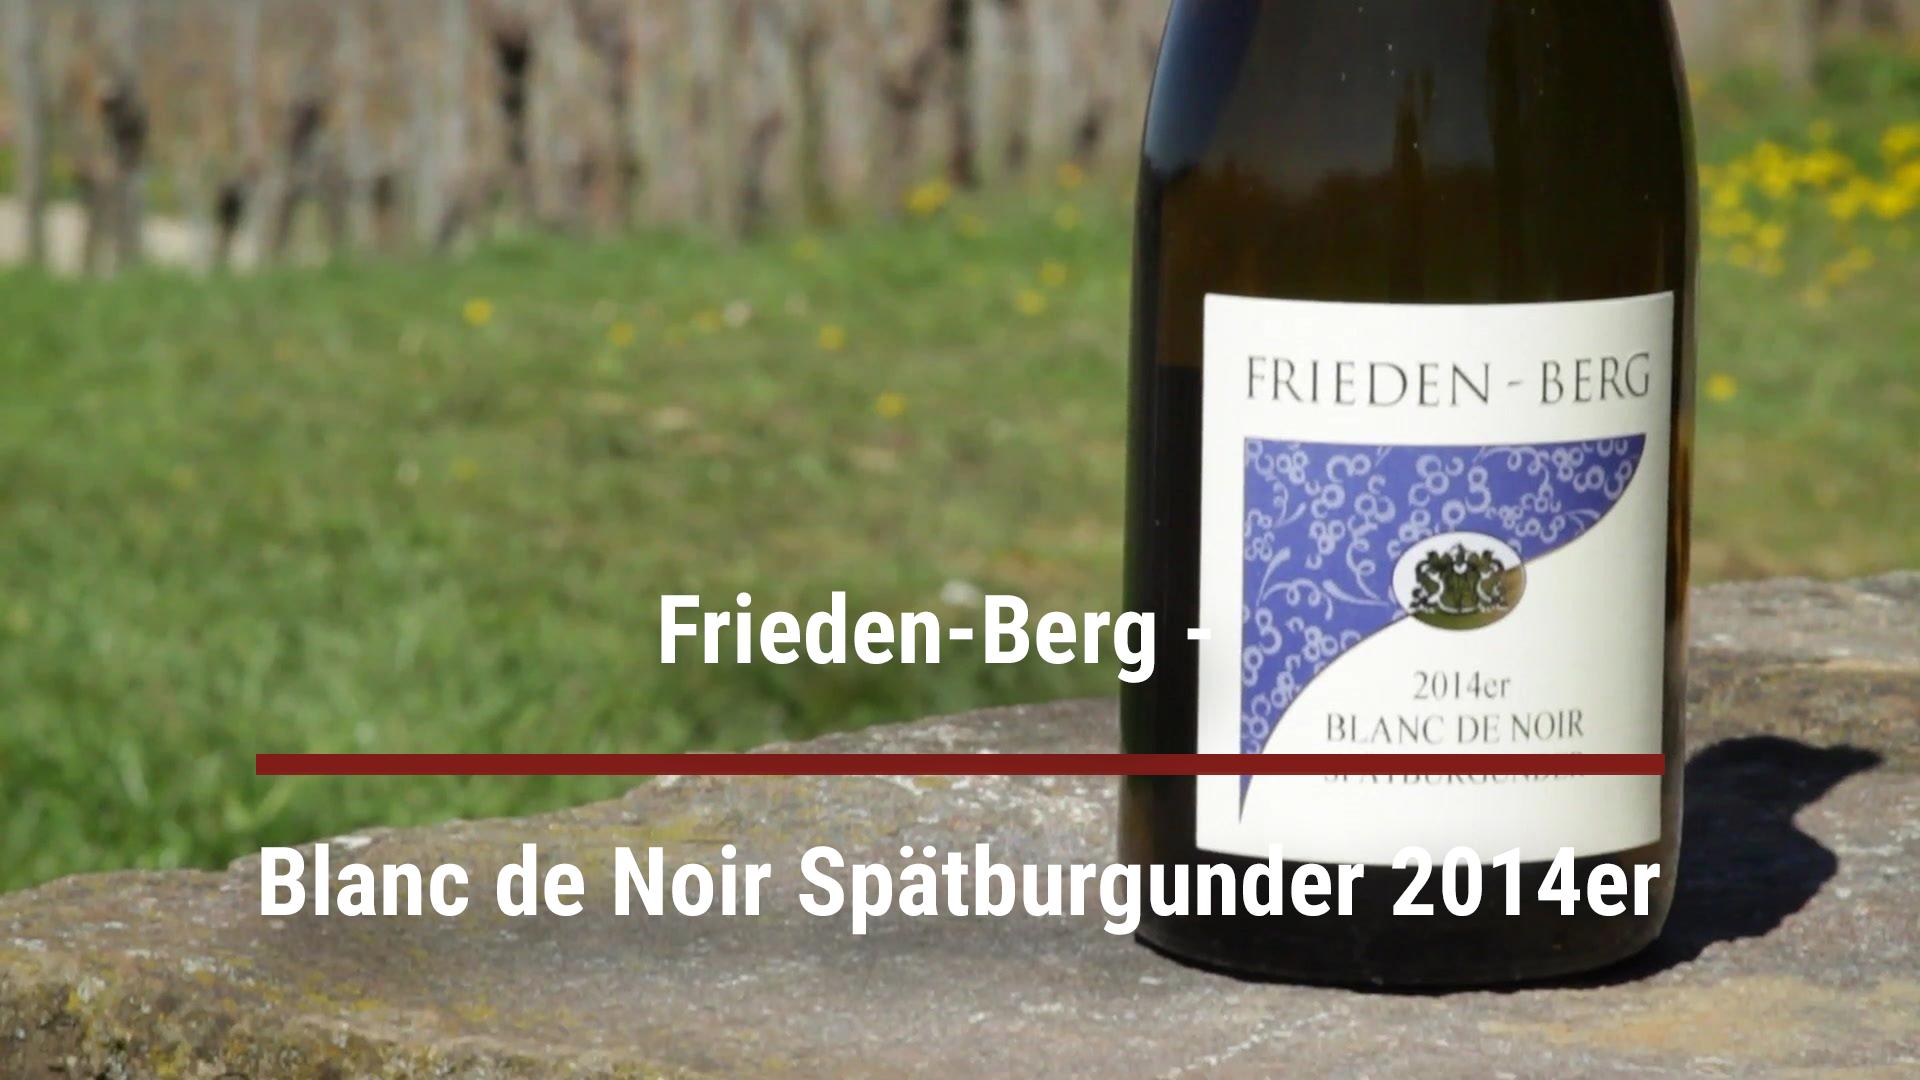 Frieden-Berg –  Blanc de Noir Spätburgunder 2014er